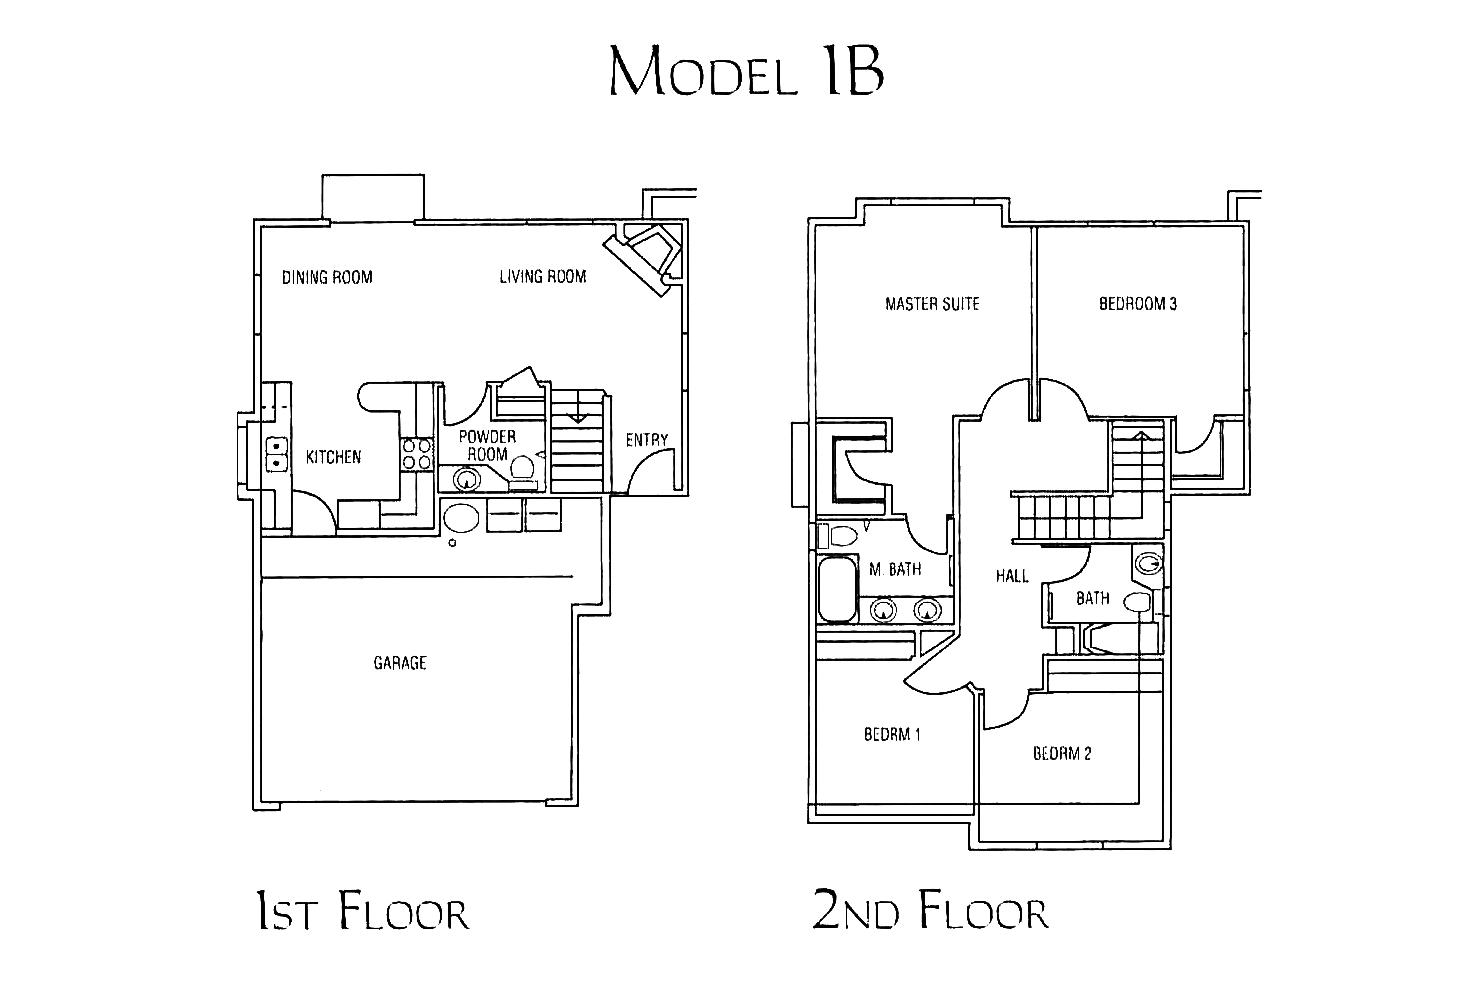 model 1B - 4 bed 2.5 bath * 1,625 - 1,689 SF